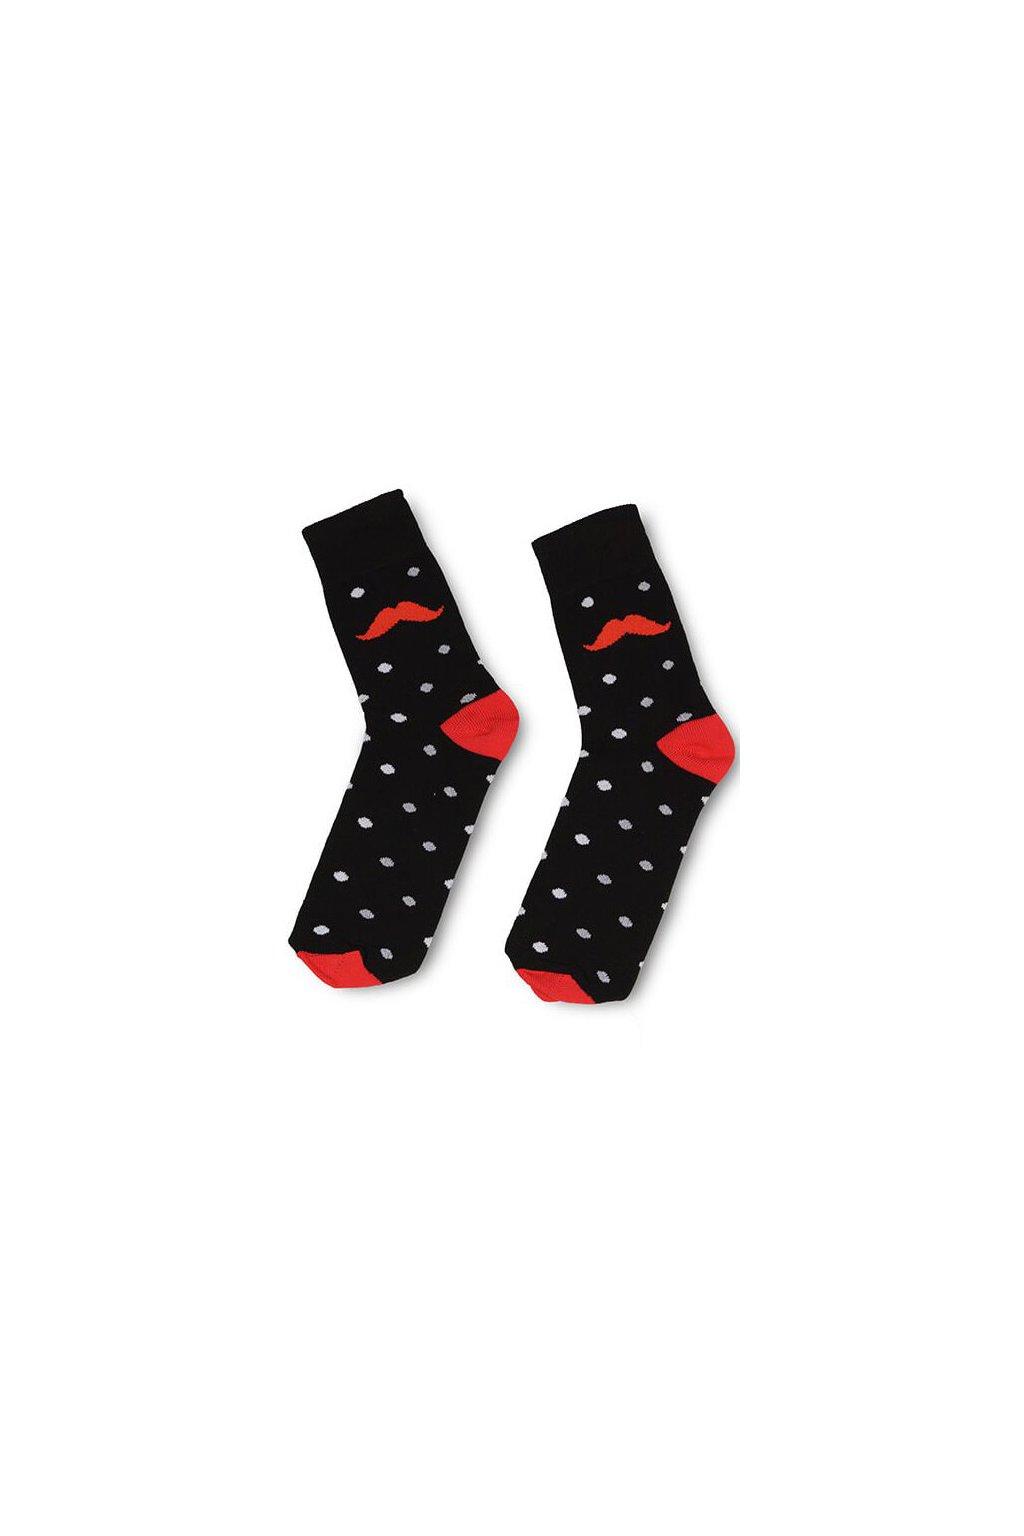 cerne puntikate barevne vesele ponozky Le Fusek